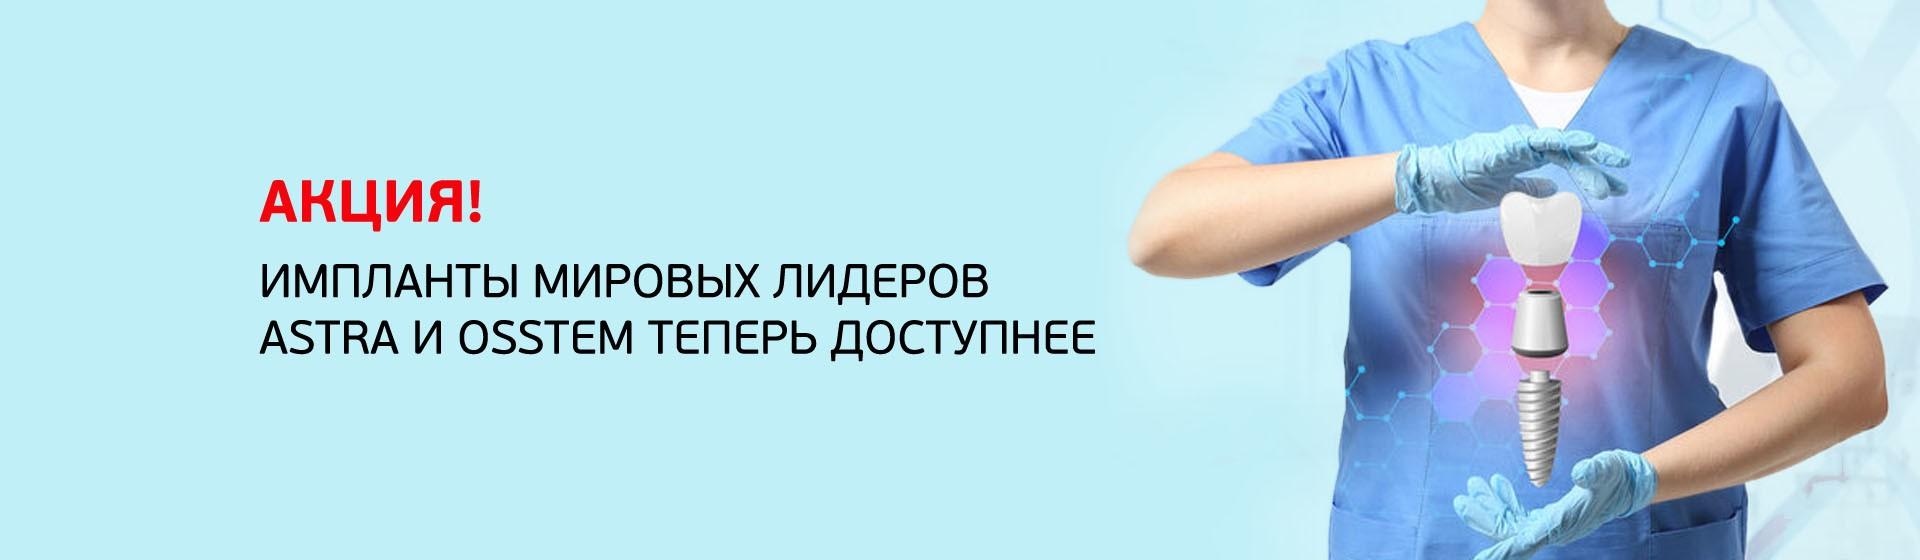 АКЦИЯ! Импланты мировых лидеров ASTRA и OSSTEM теперь доступнее